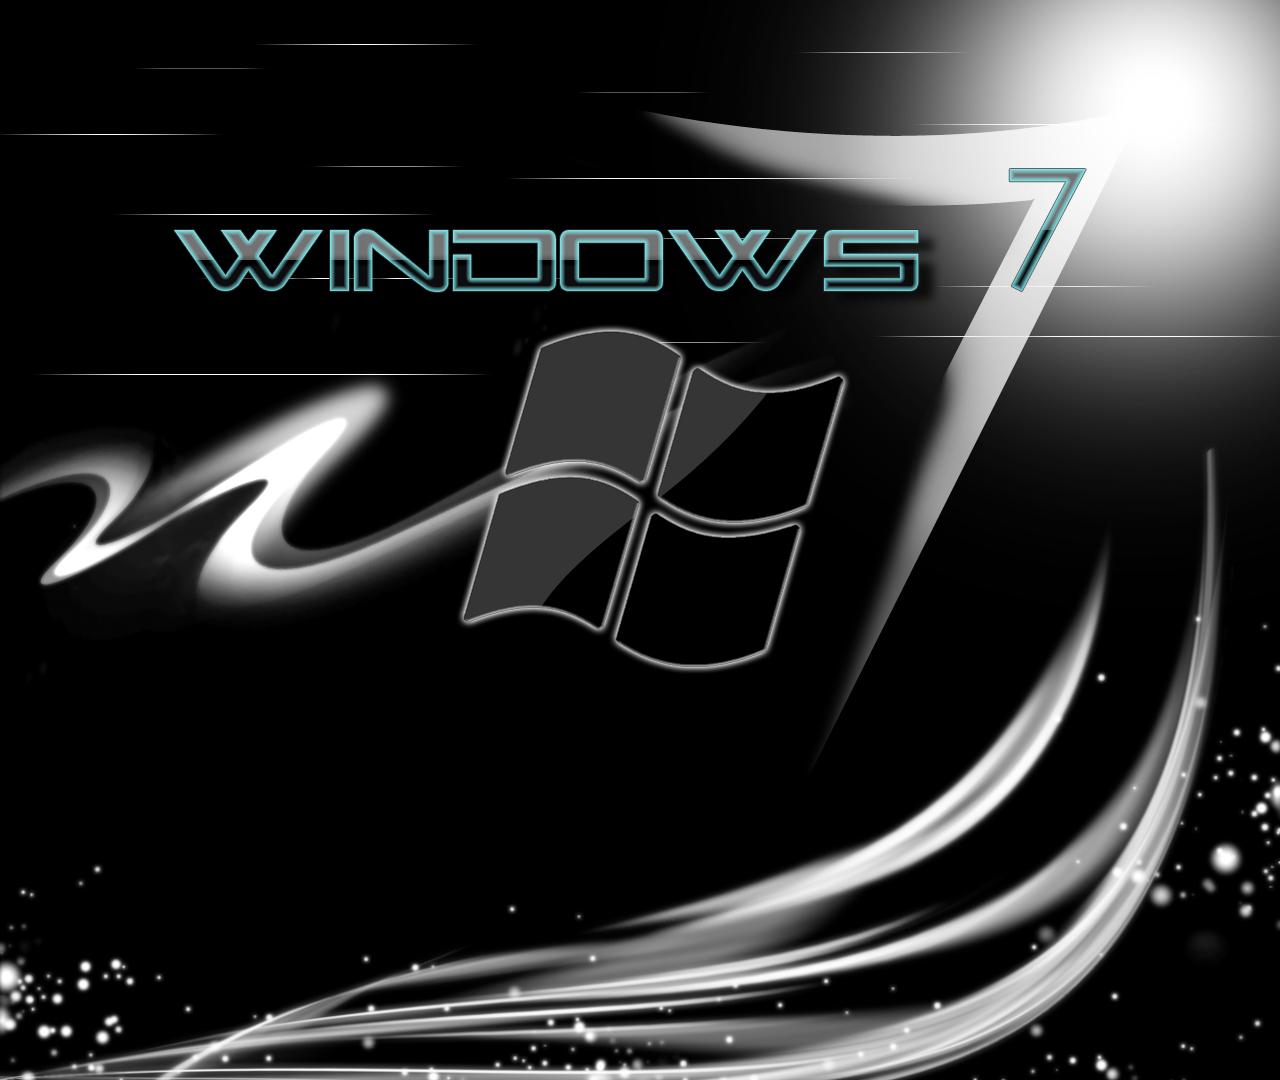 http://4.bp.blogspot.com/-iZMb4BQ4bIU/UJA859DJ_7I/AAAAAAAAAKk/KWOsL4QtBtg/s1600/Windows_7_Black_Wallpaper_by_atti12.jpg